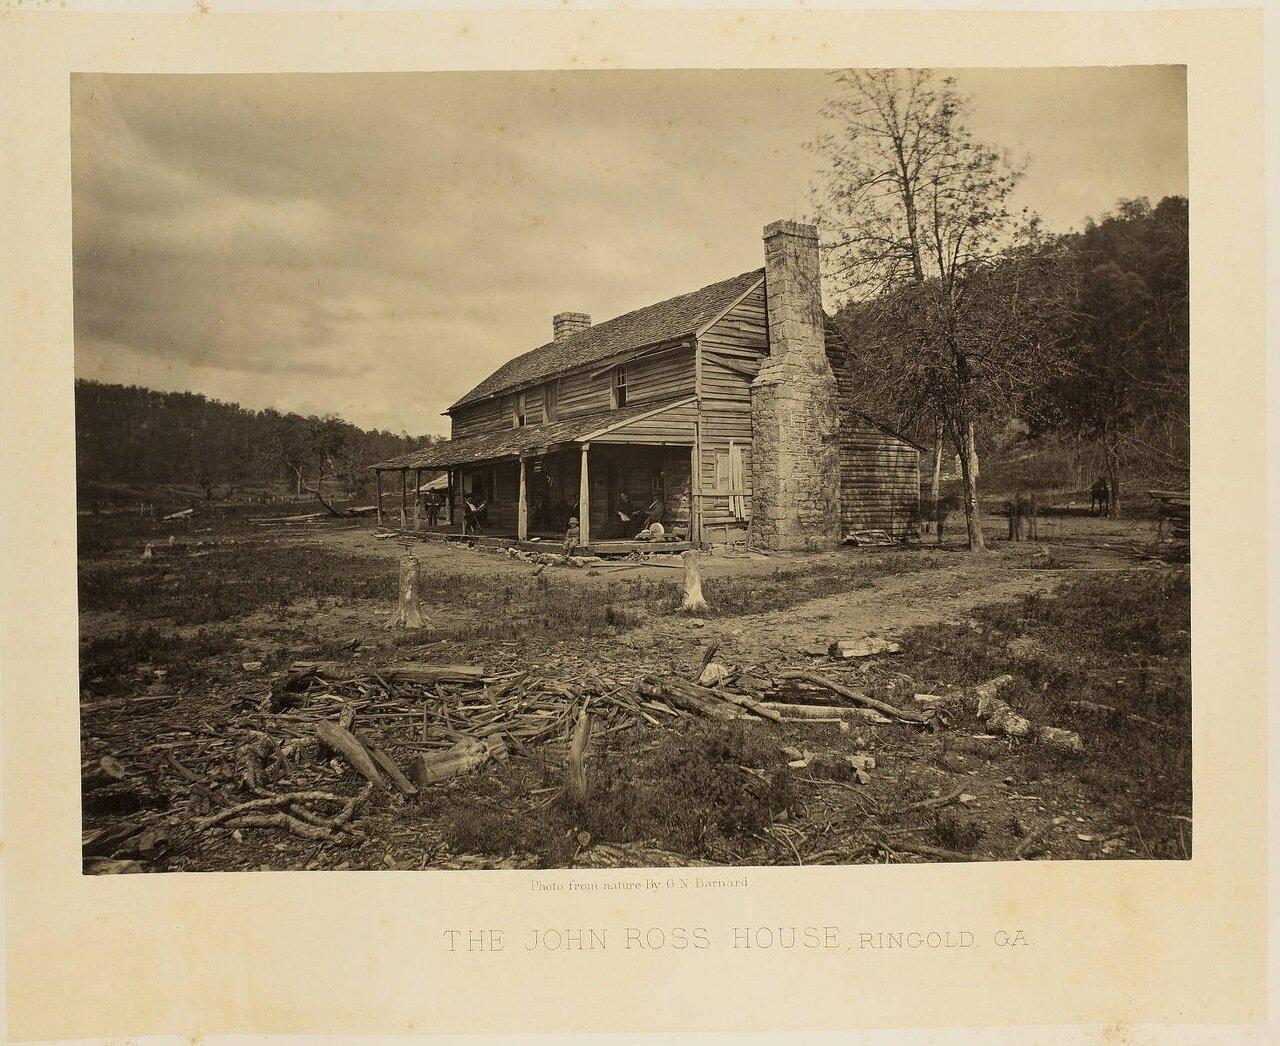 Дом Джона Росса, Рингголд, Джорджия